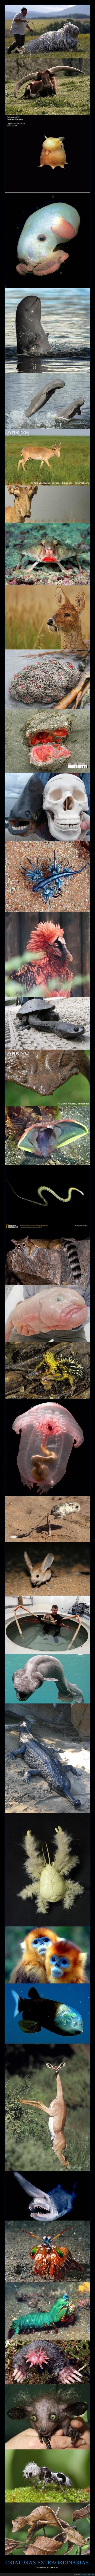 criaturas_extraordinarias que quizás no conozcas. subjuntivo